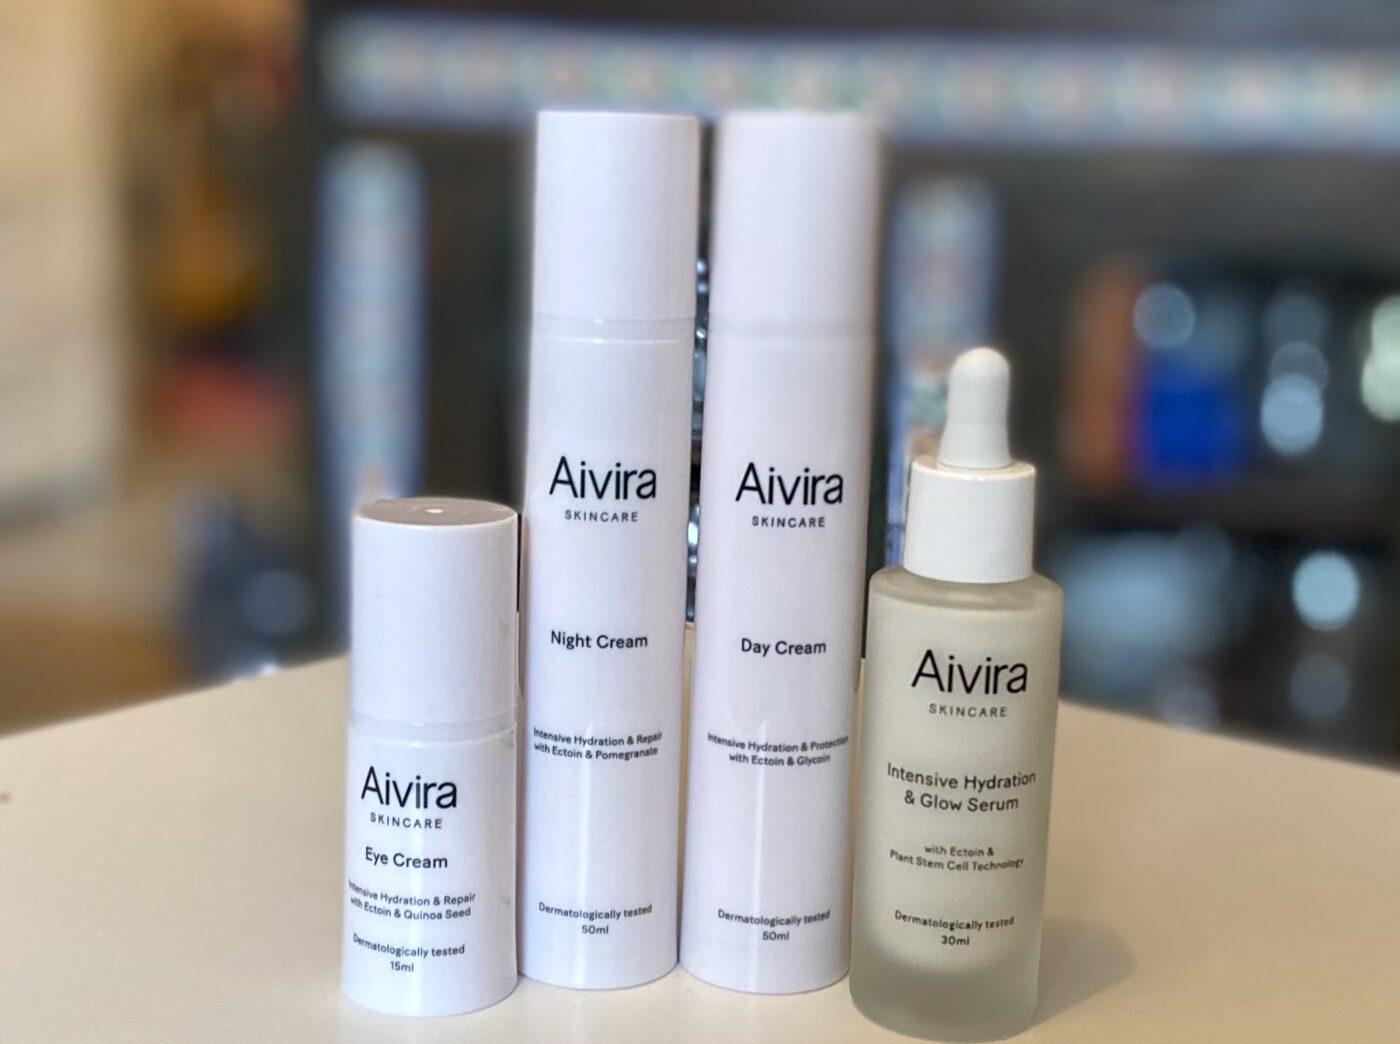 Alla produkterna från Aivira står på rad. Det är tre flaskor i plast och en i glas med pipett. Alla är vita med svart text. Bakgrunden är blurrad.